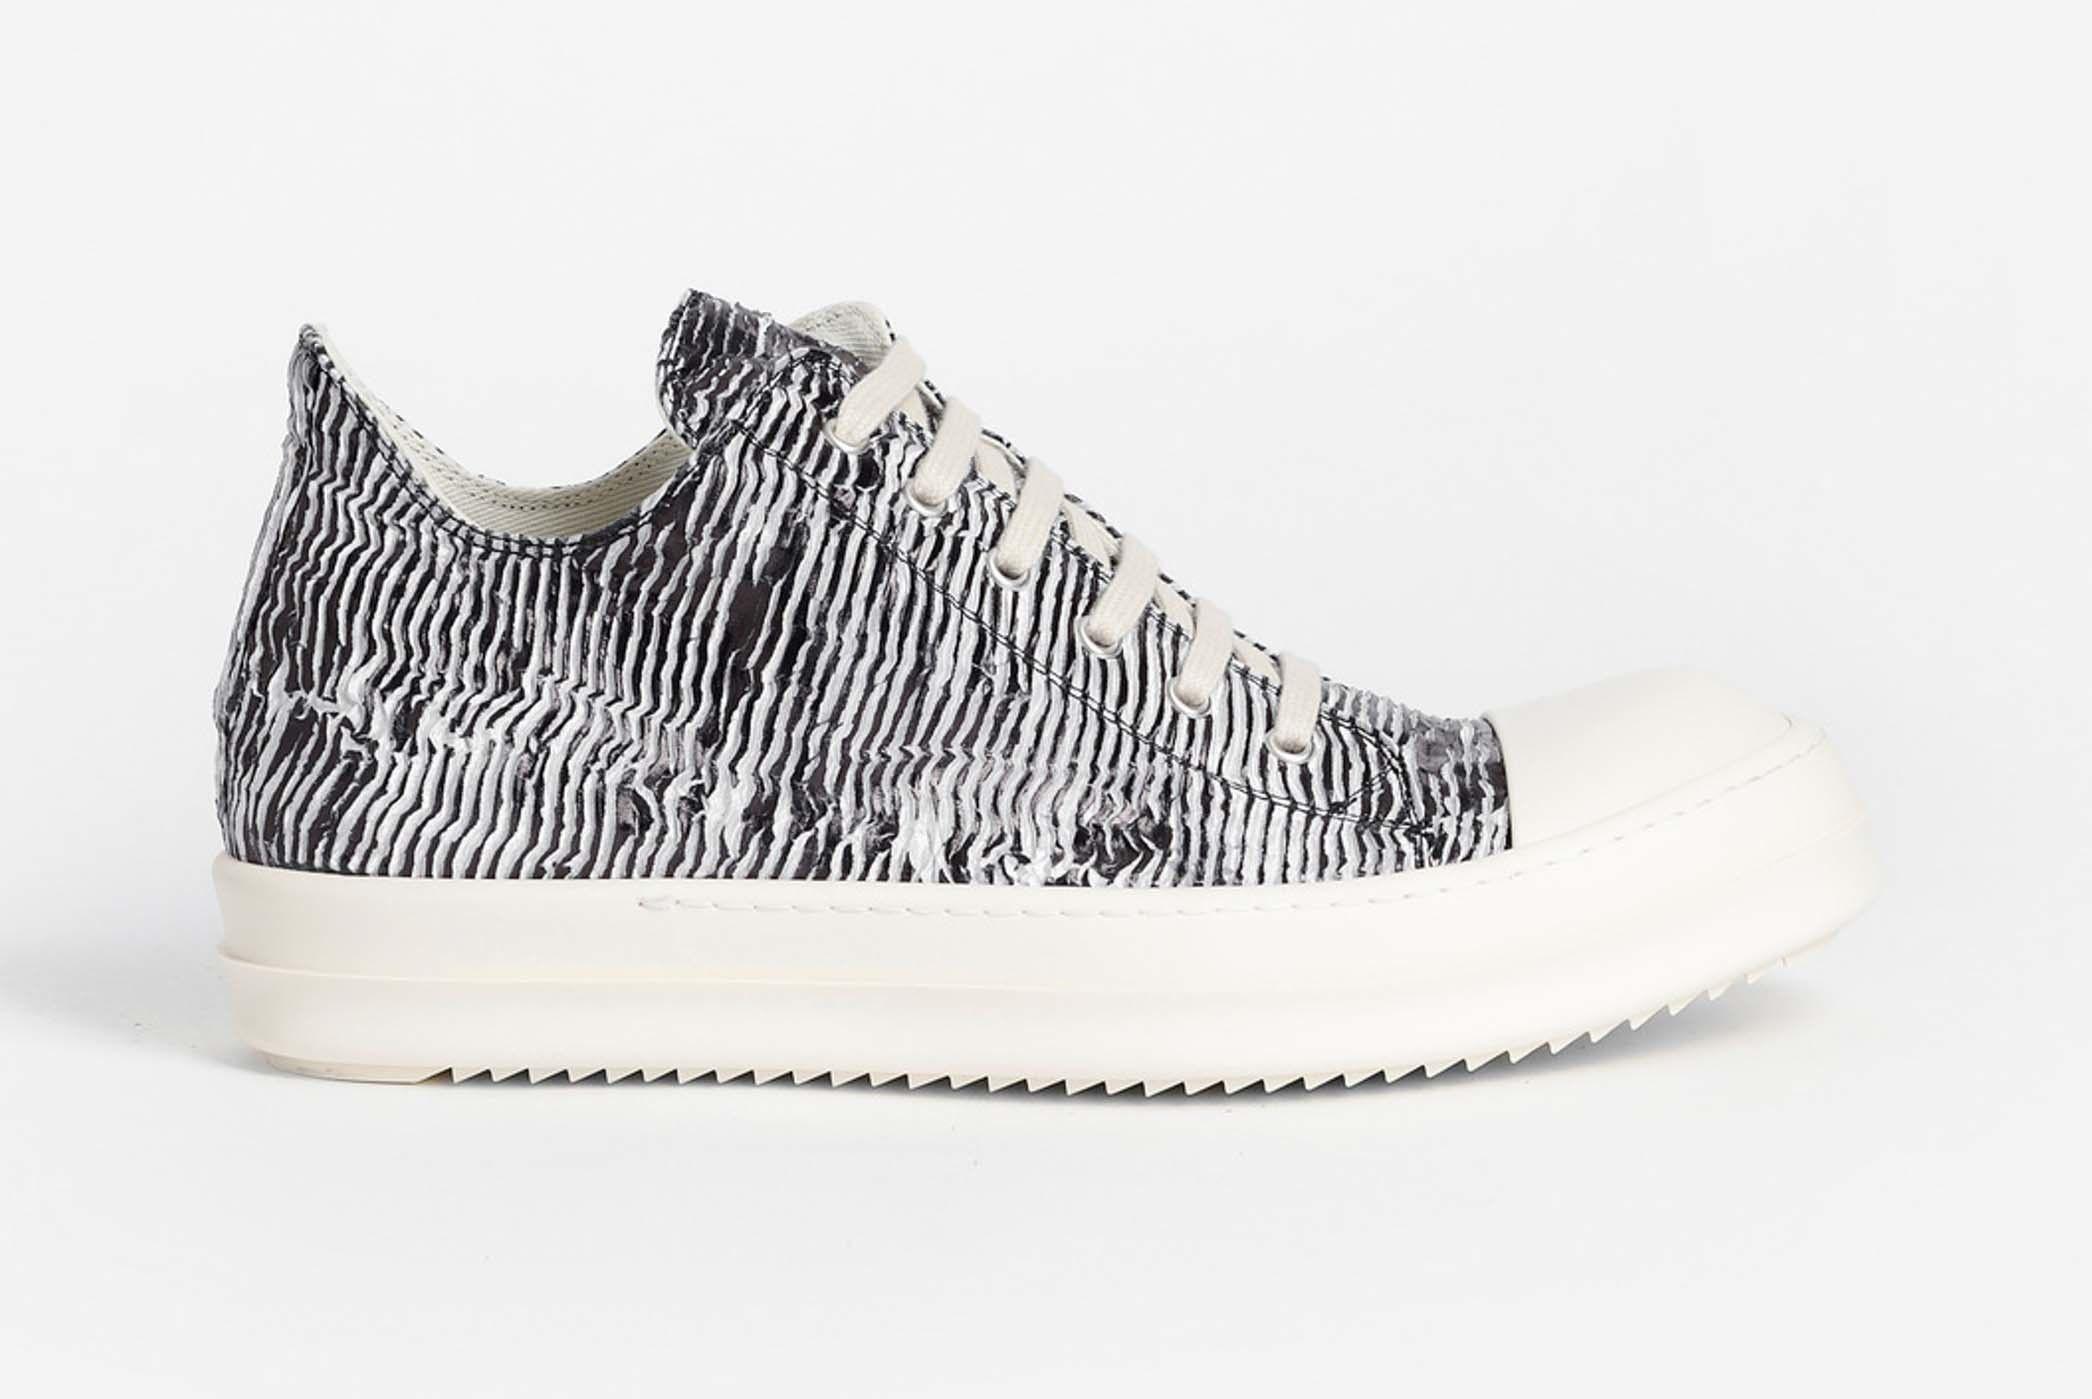 Rick Owens Drkshdw Zebra Trainer Low Release 001 Sneaker Freaker